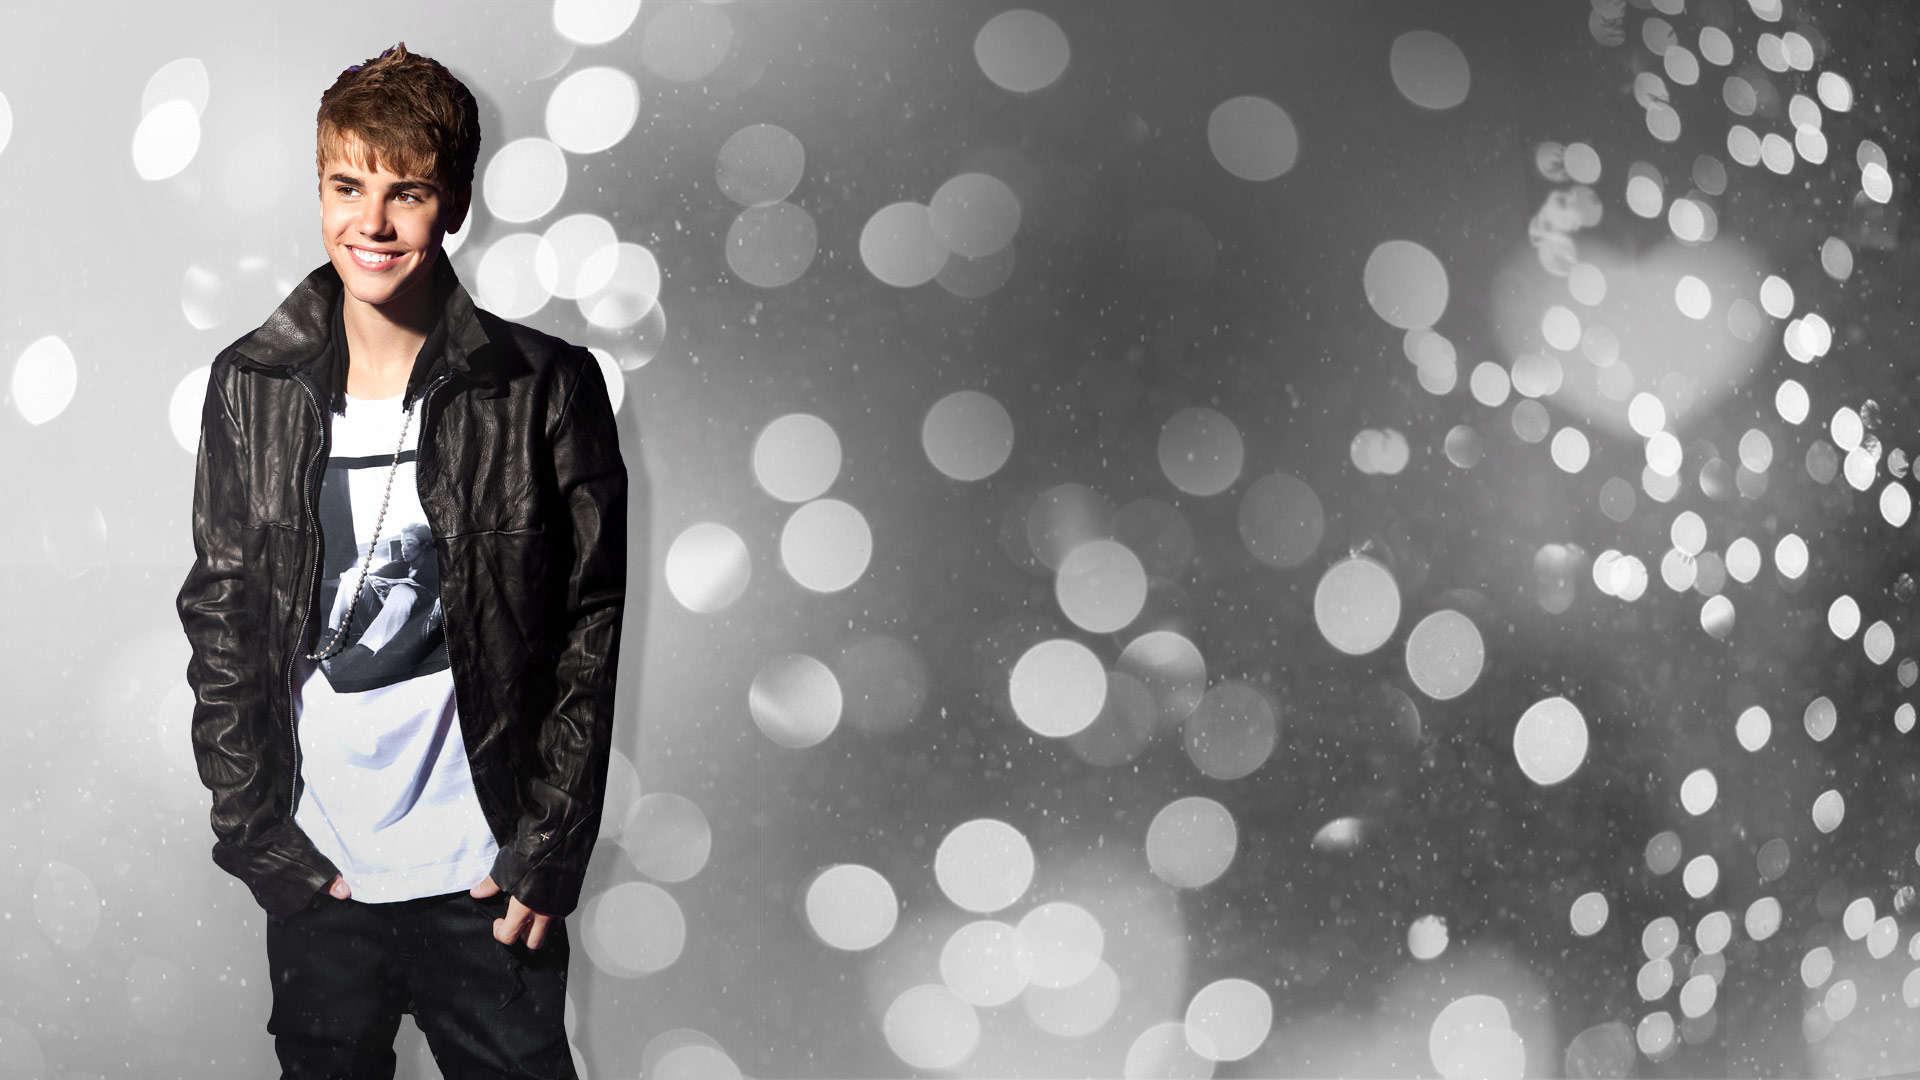 Fondos De Justin Bieber Wallpapers Y Fotos De Justin Bieber